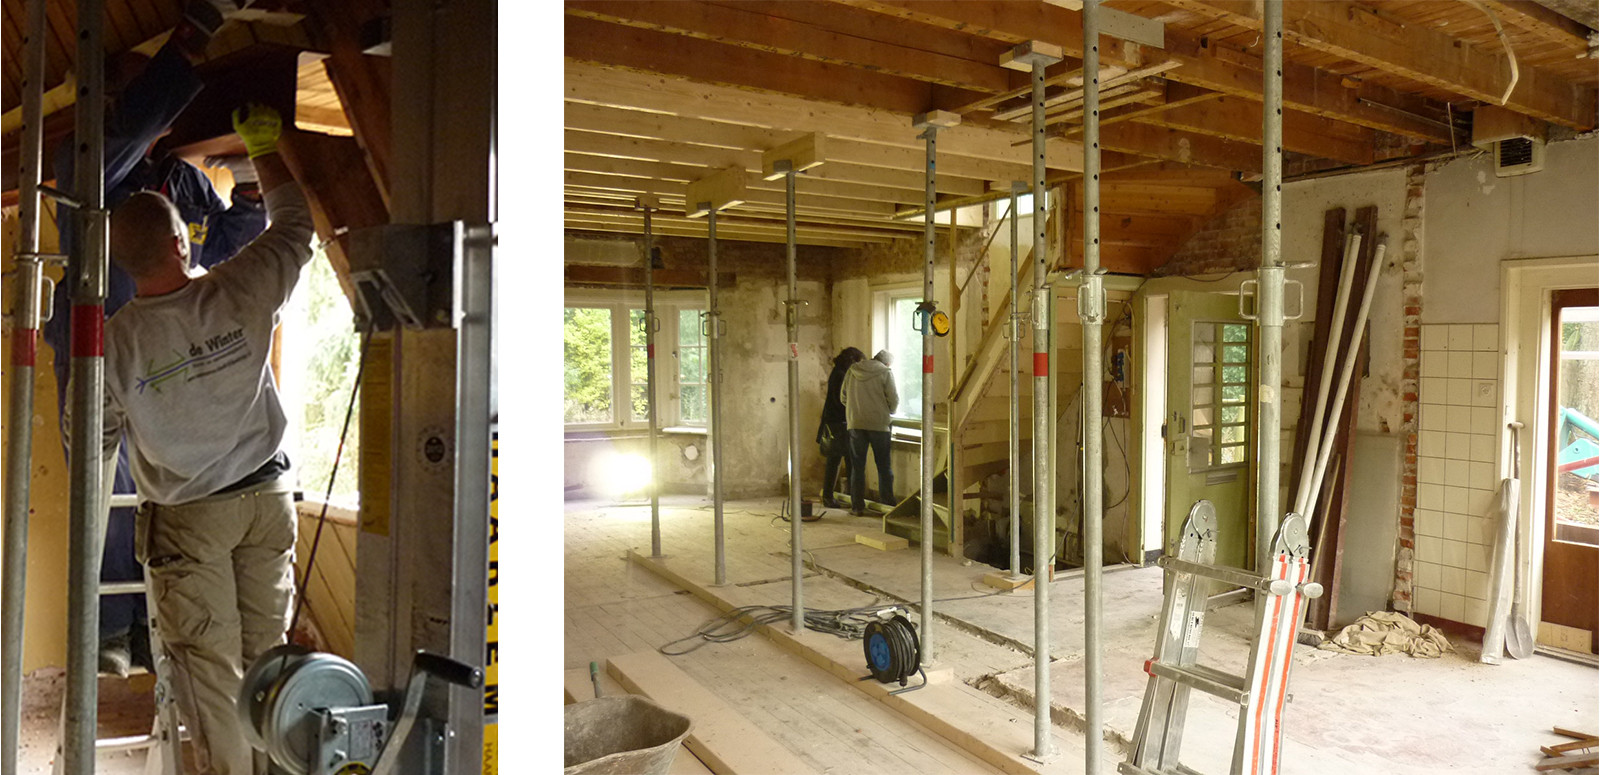 105_villaAardenhout_construction-site2_1